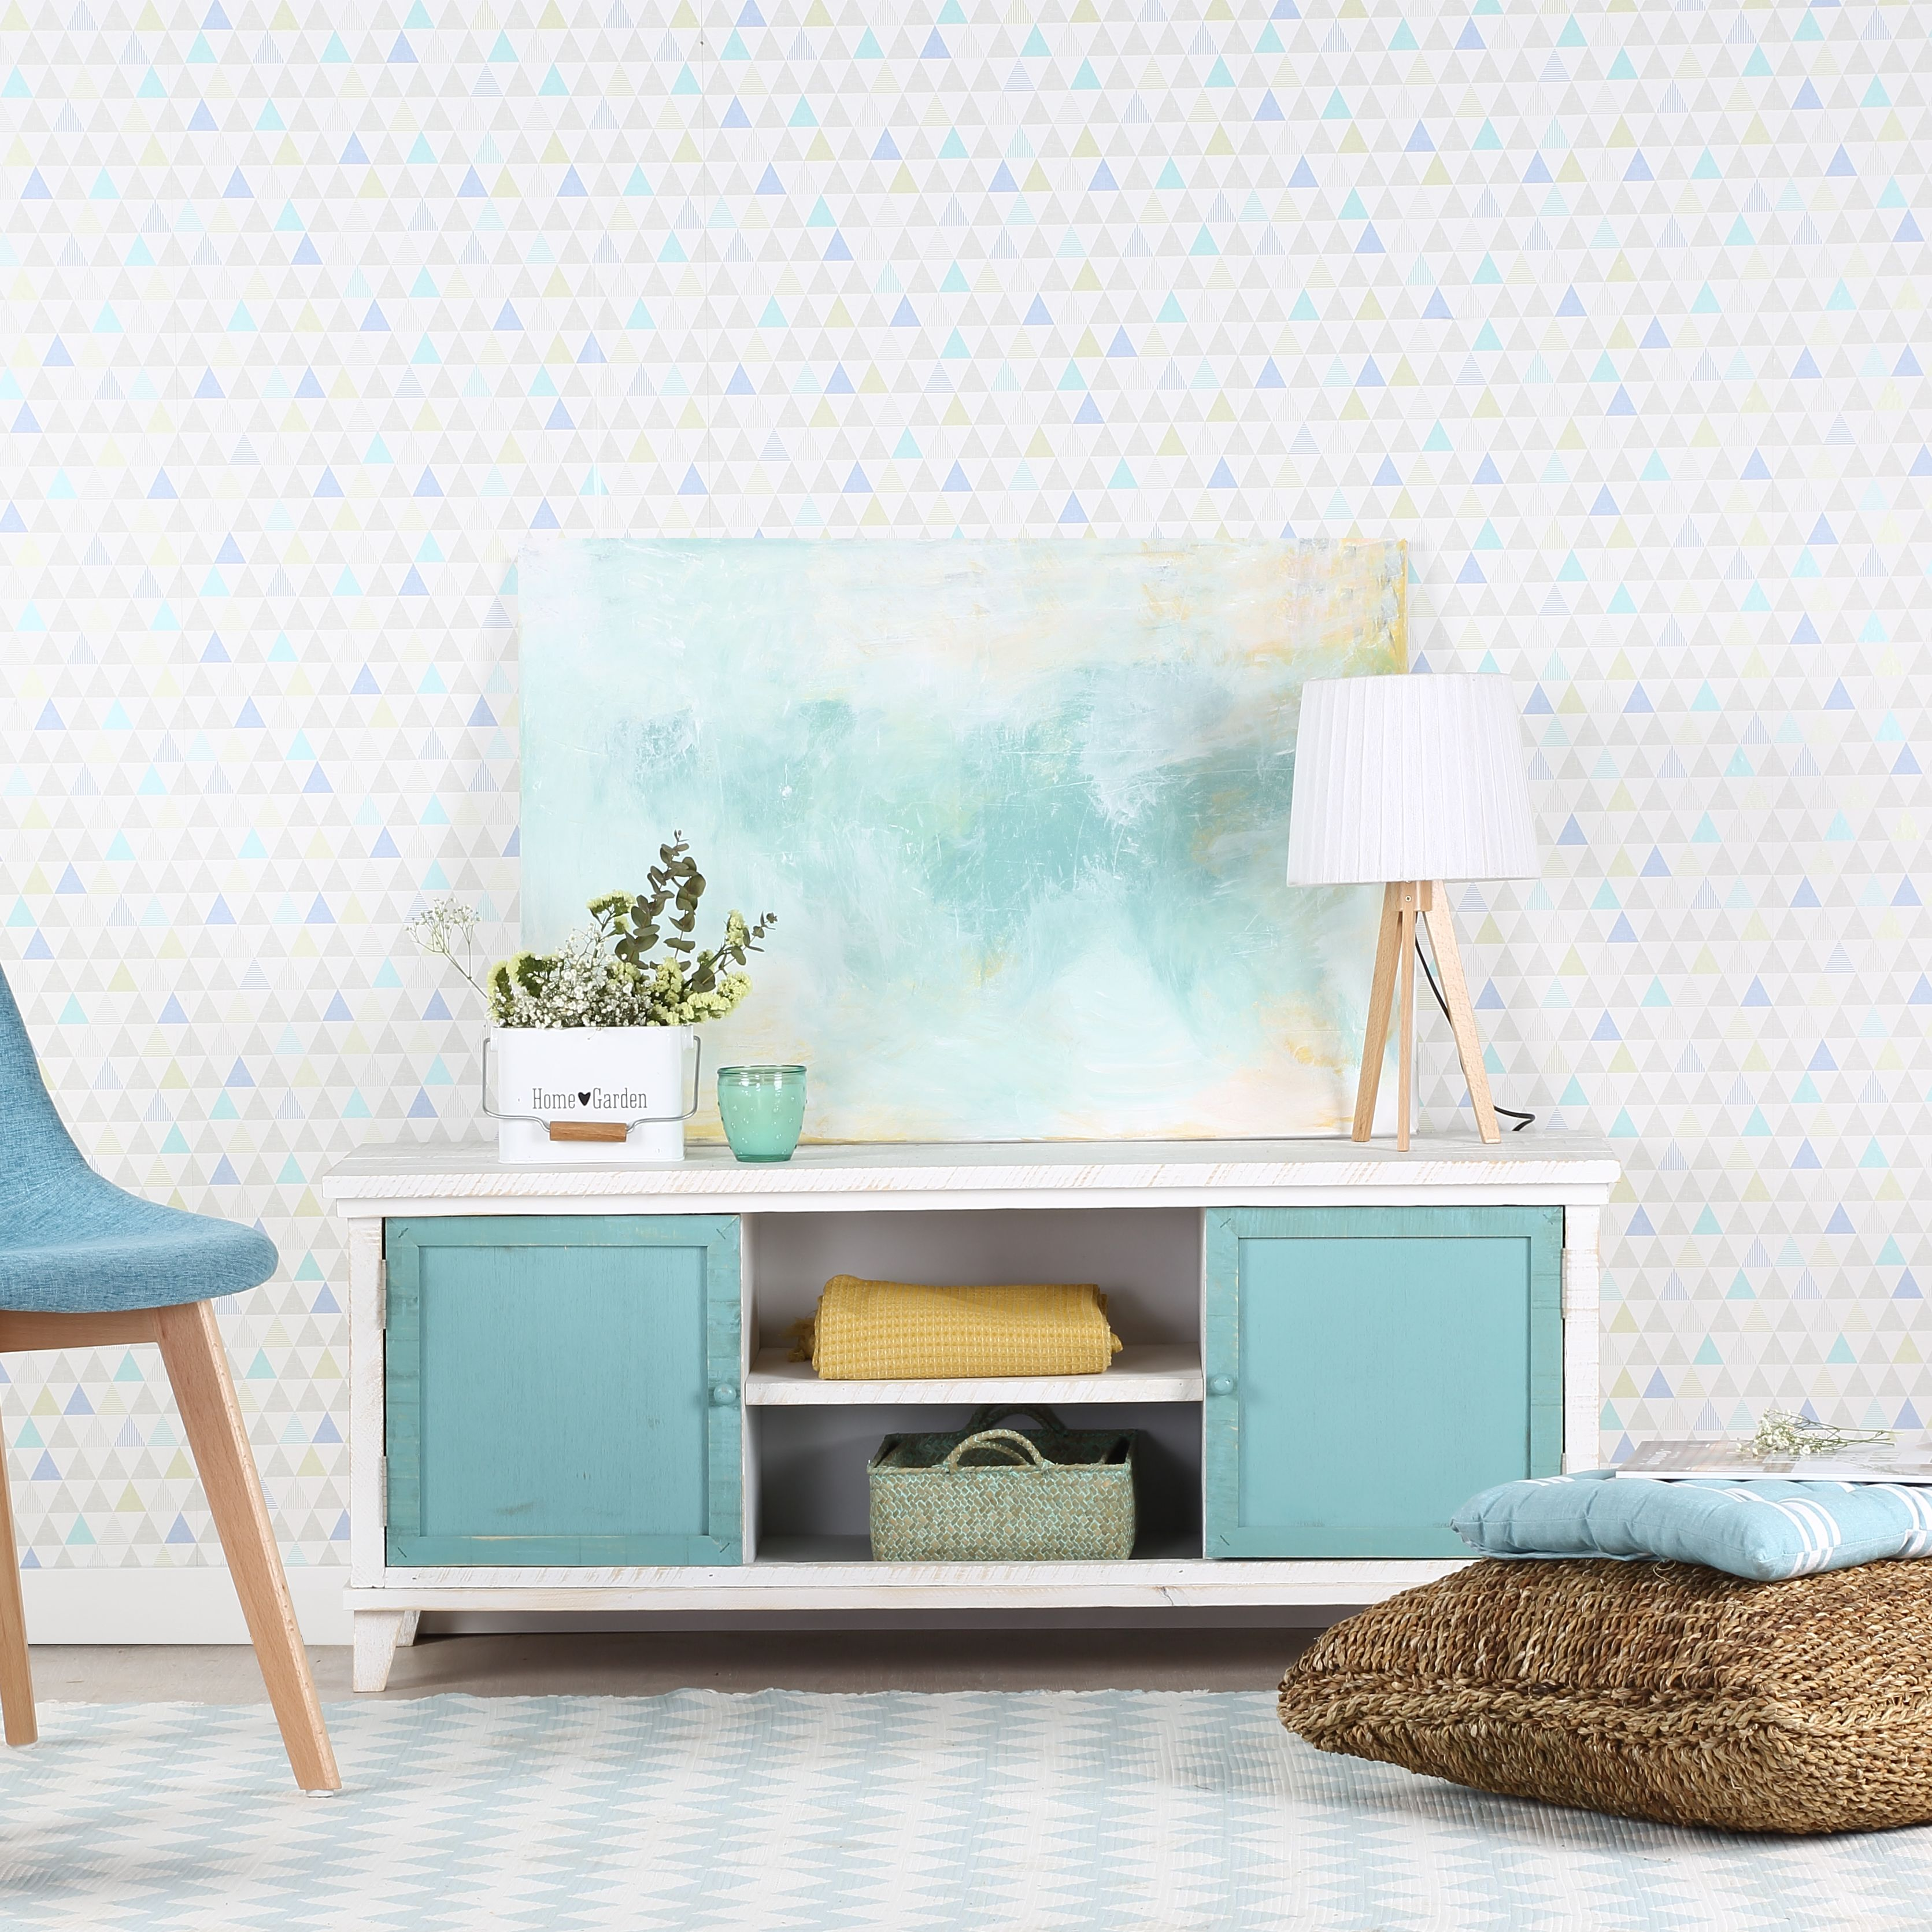 Muebles rebajas obtenga ideas dise o de muebles para su hogar aqu - Banak importa recibidores ...